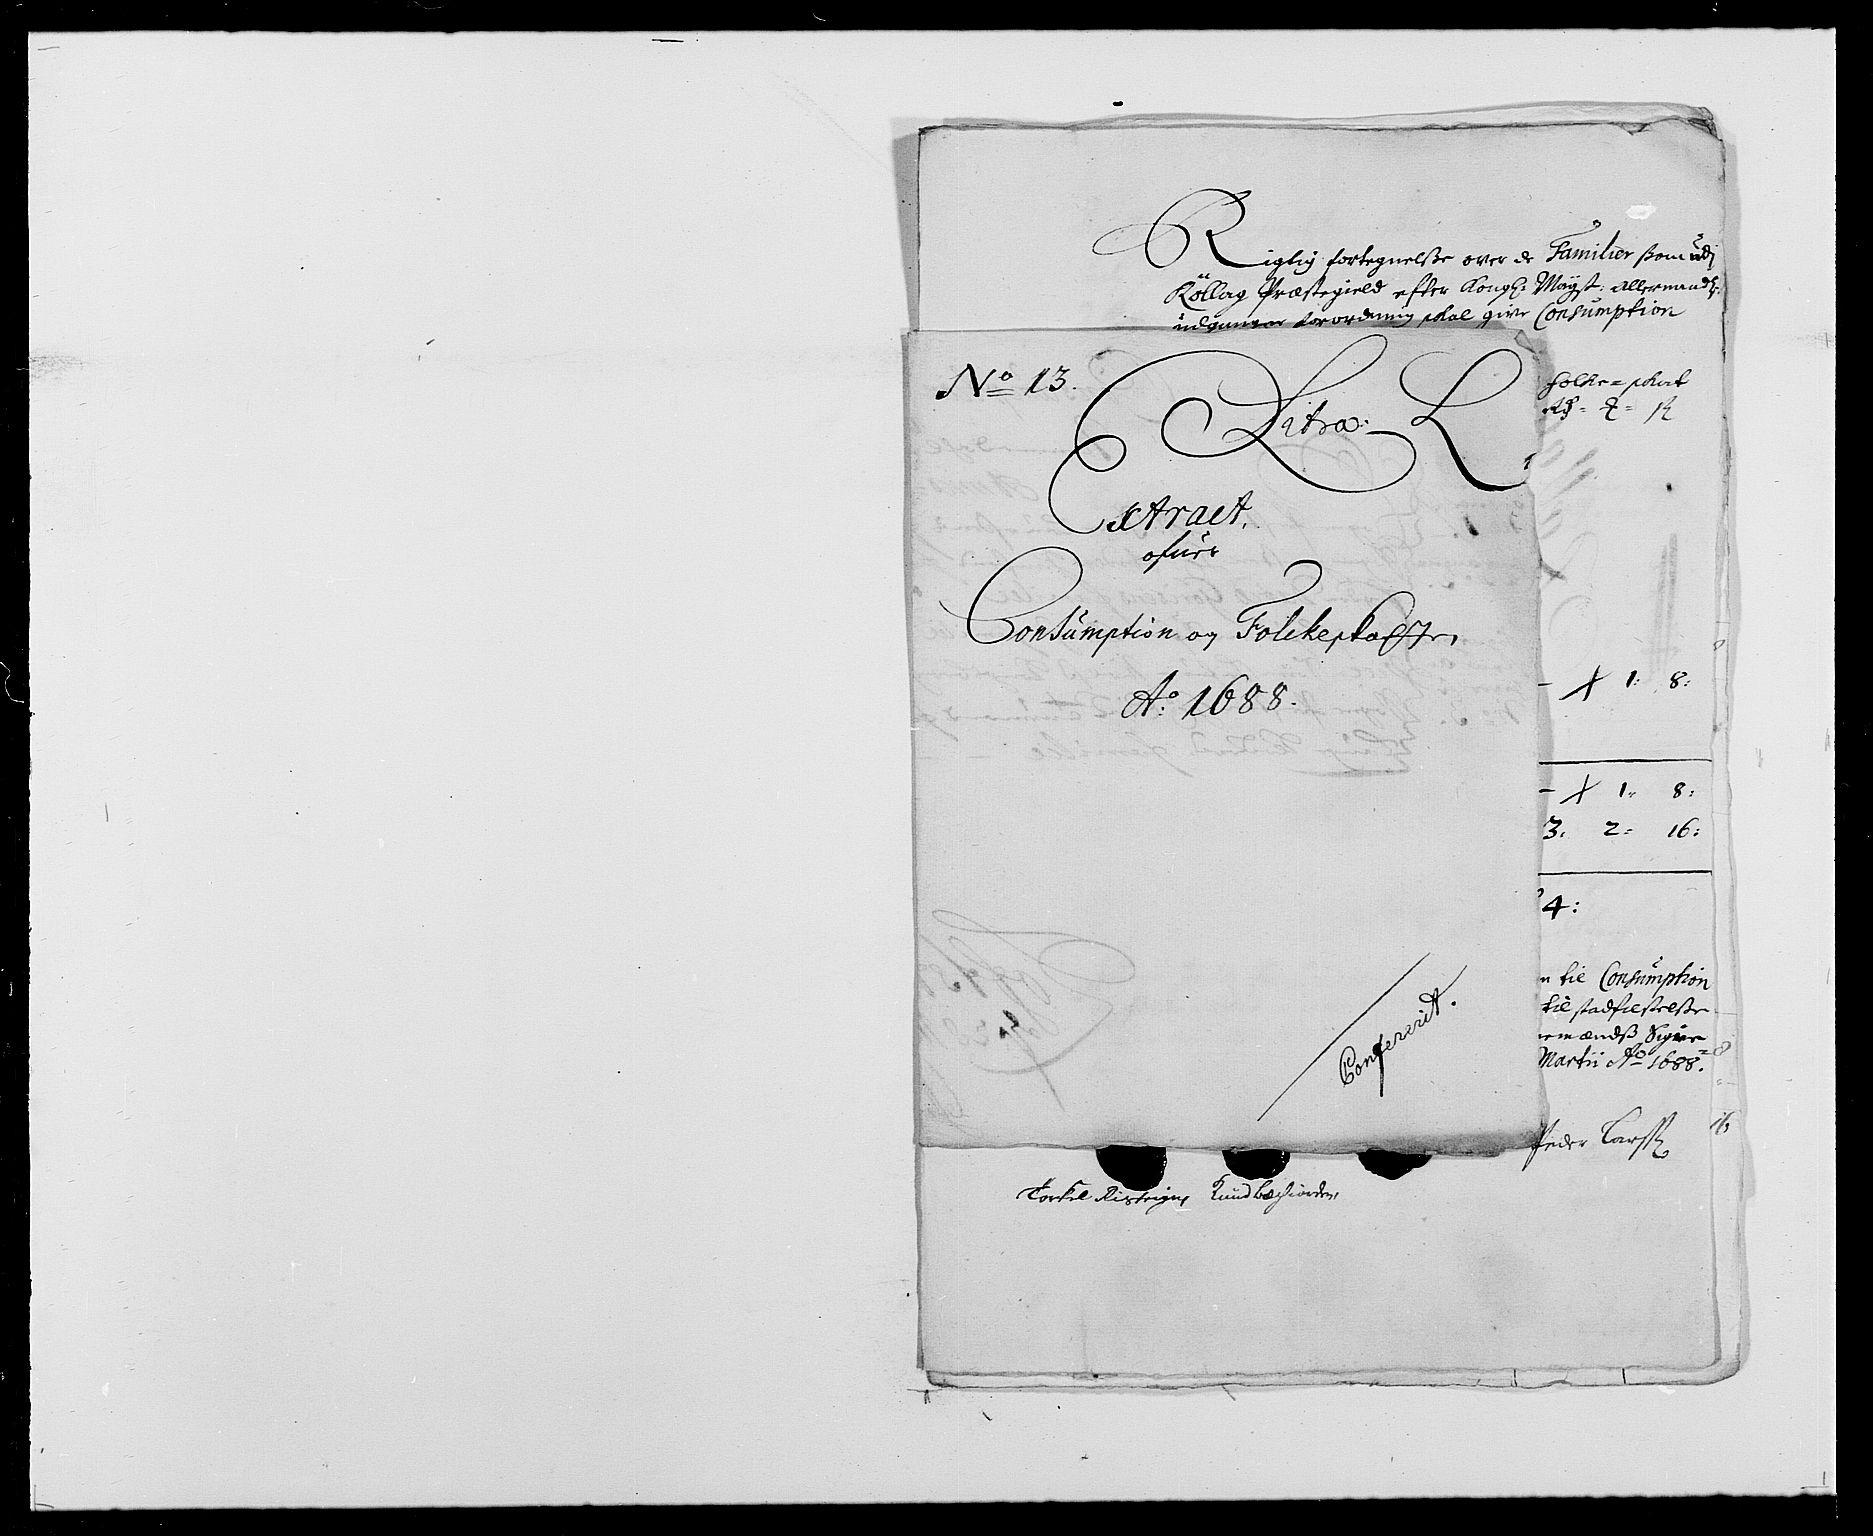 RA, Rentekammeret inntil 1814, Reviderte regnskaper, Fogderegnskap, R24/L1573: Fogderegnskap Numedal og Sandsvær, 1687-1691, s. 325